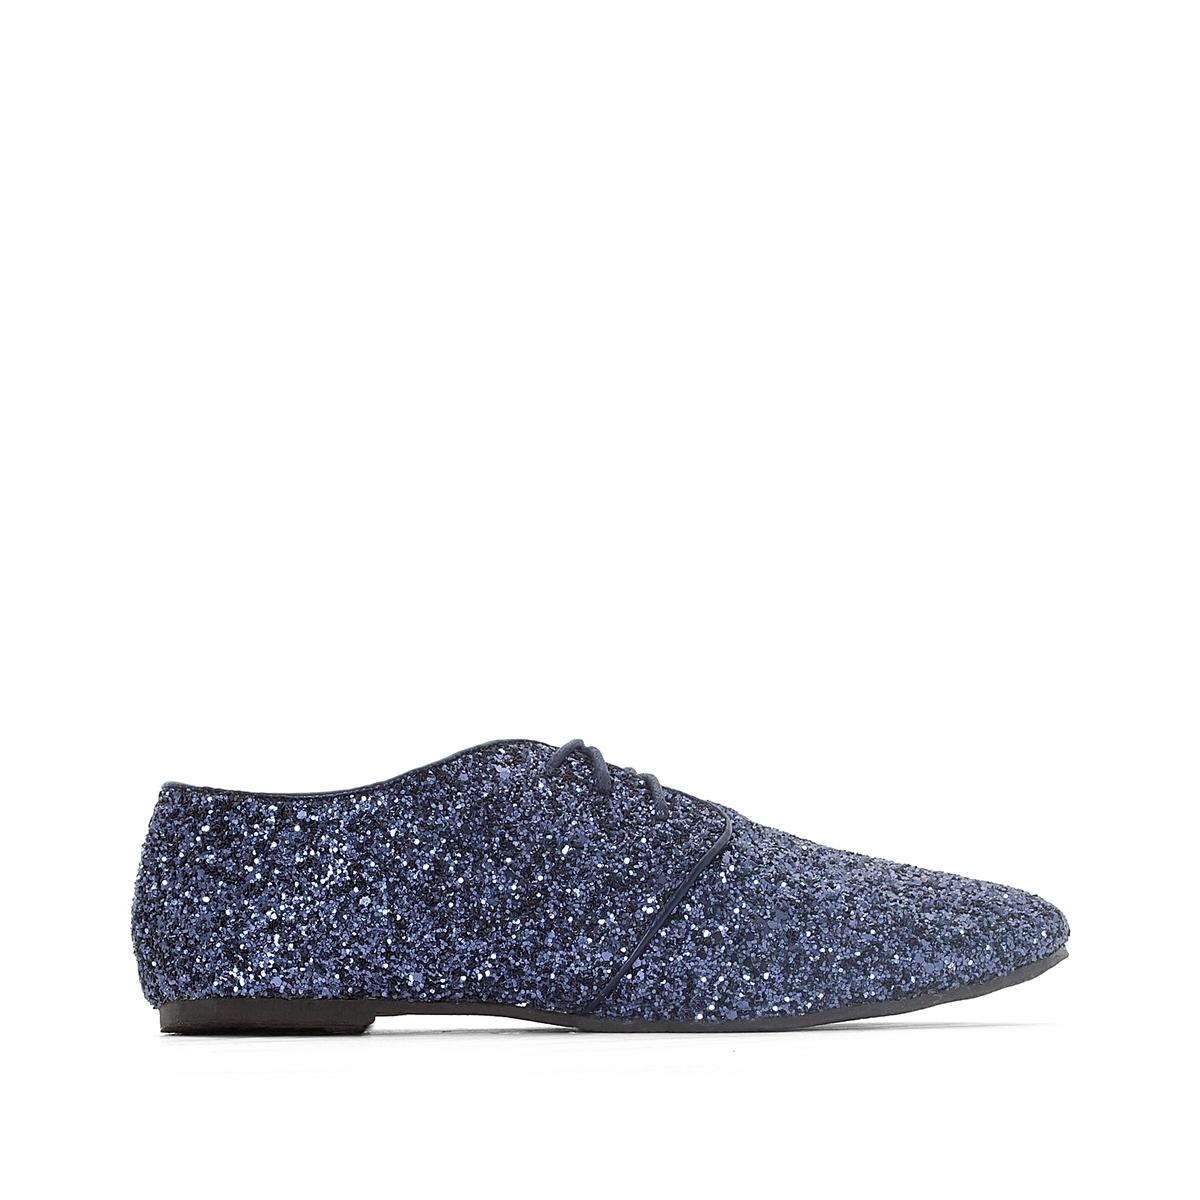 Ботинки-дерби с блестками ботинки дерби под кожу питона